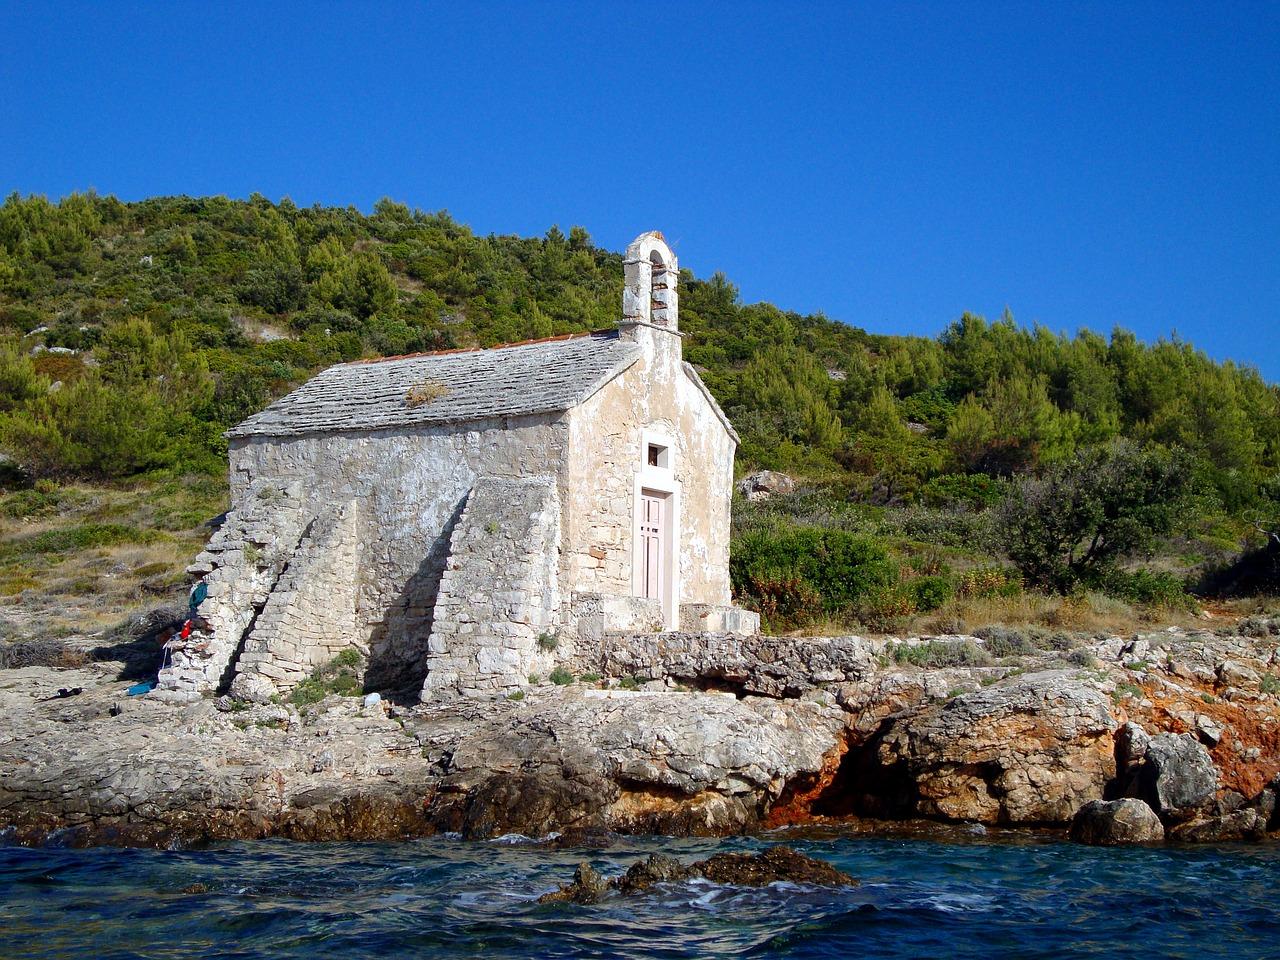 Chorwacja – co zwiedzić w tym pięknym kraju i jakie ubezpieczenie wybrać